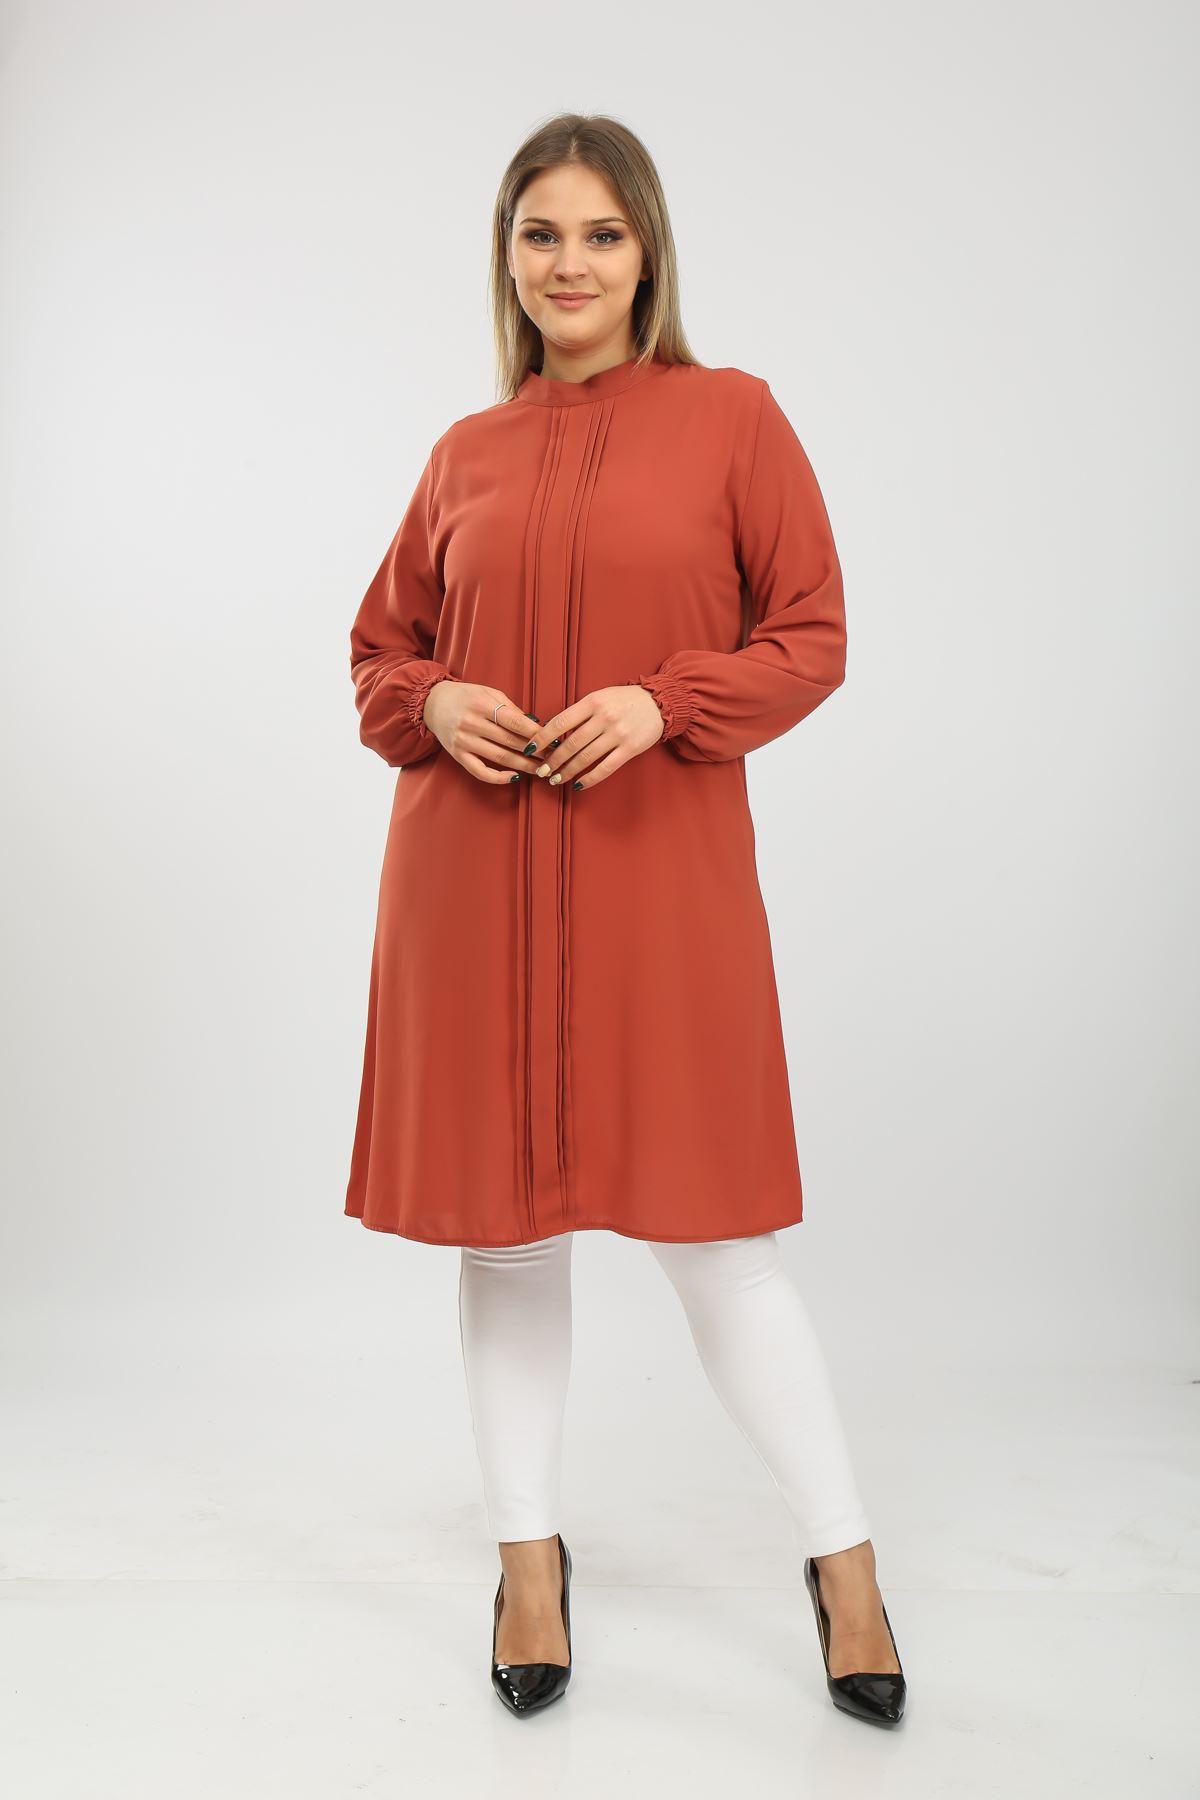 Pileli Kadın Tunik